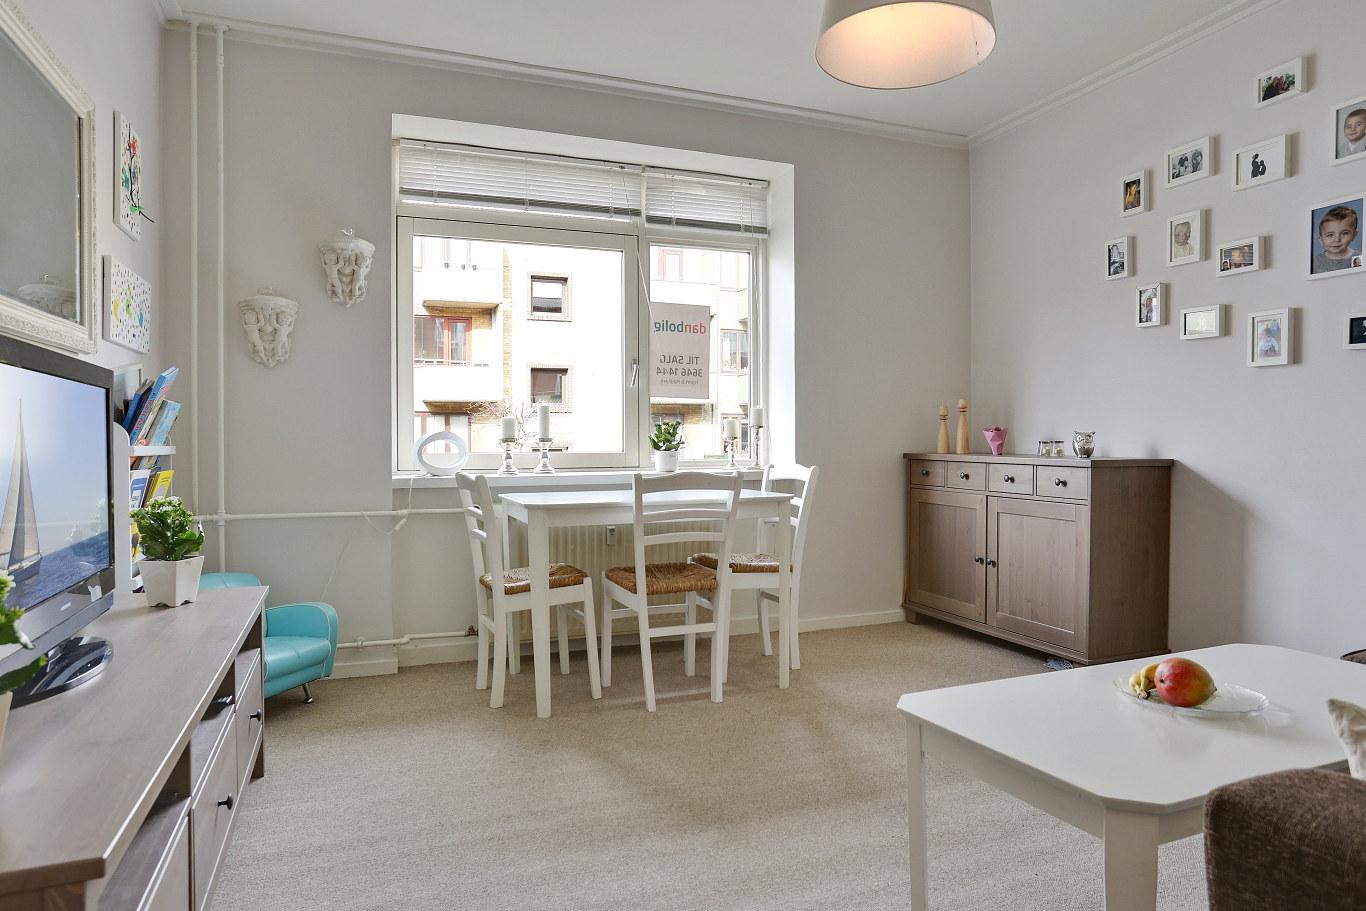 La realidad de los pisos peque os en los pa ses n rdicos blog decoraci n estilo n rdico - Interiores de pisos ...